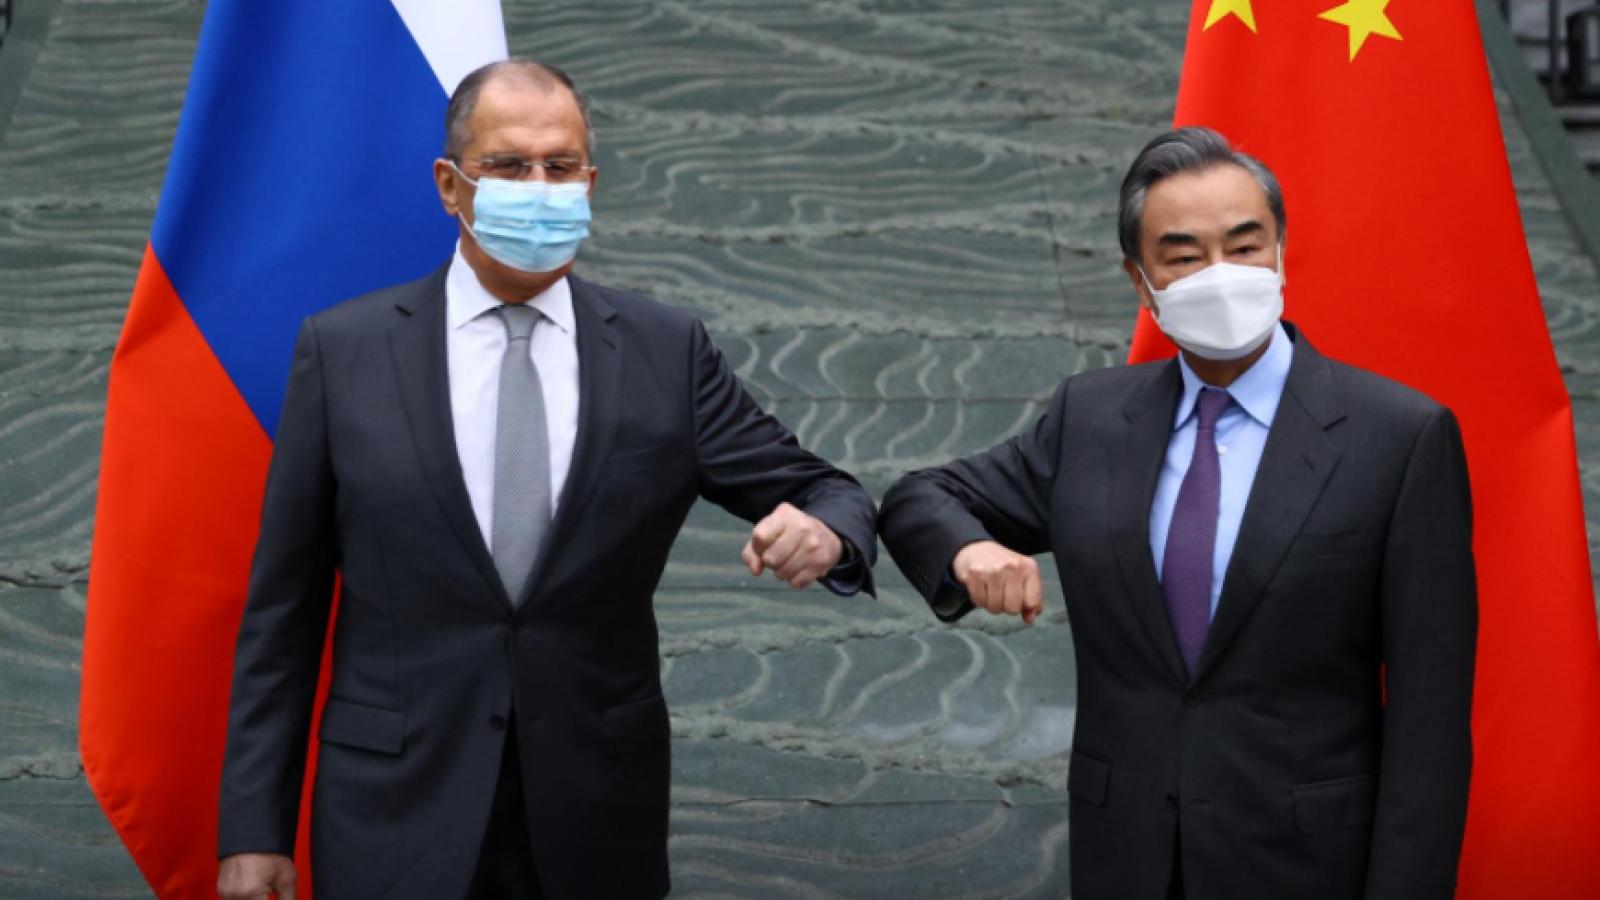 Chuyên gia Nga: Trung Quốc và Nga chưa sẵn sàng liên minh nhưng tin nhau tuyệt đối